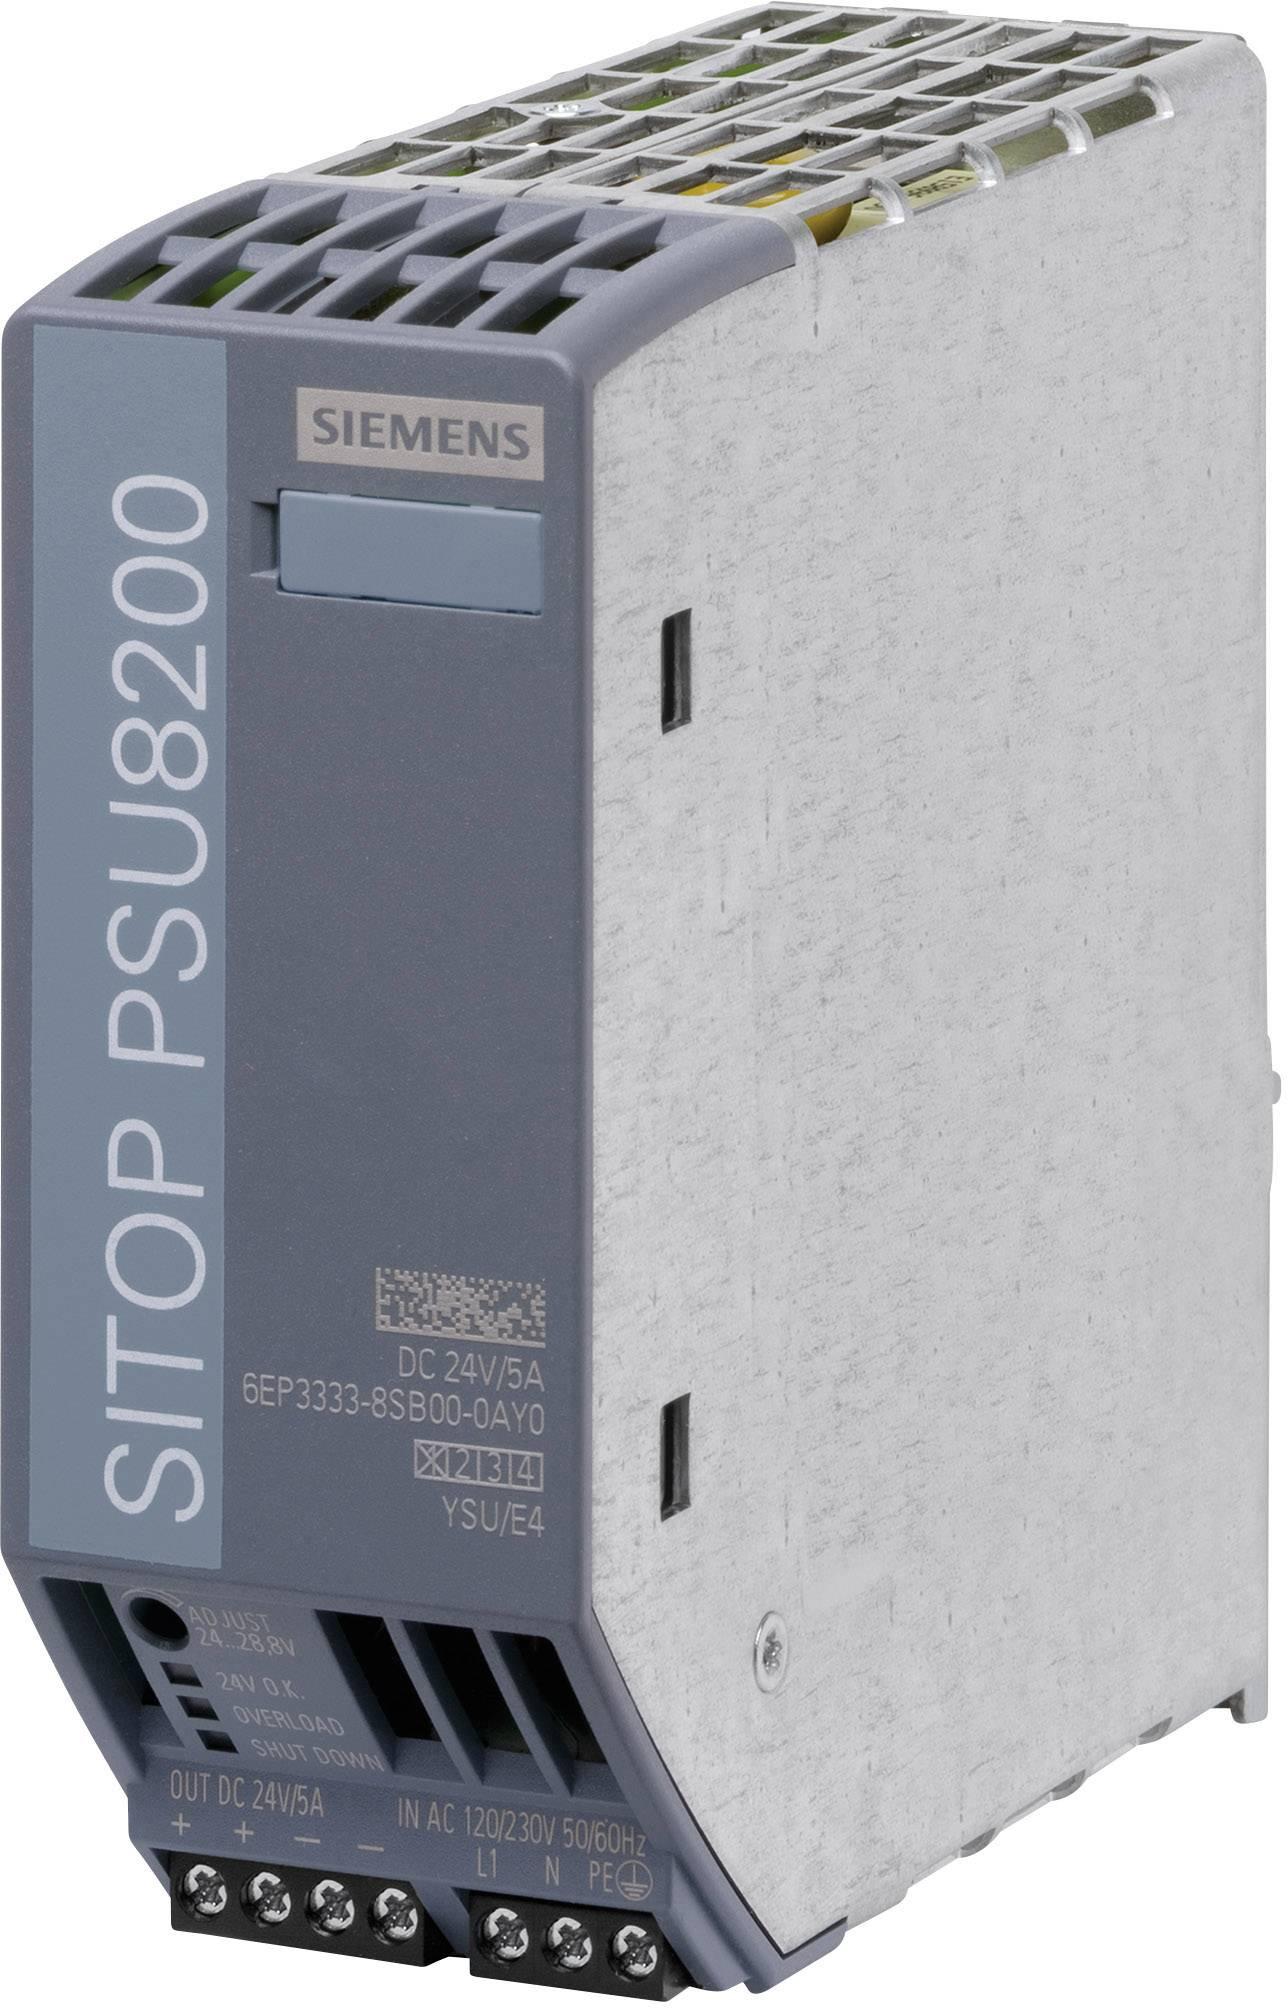 Síťový zdroj na DIN lištu Siemens SITOP PSU8200 24 V/5 A, 1 x, 24 V/DC, 5 A, 120 W